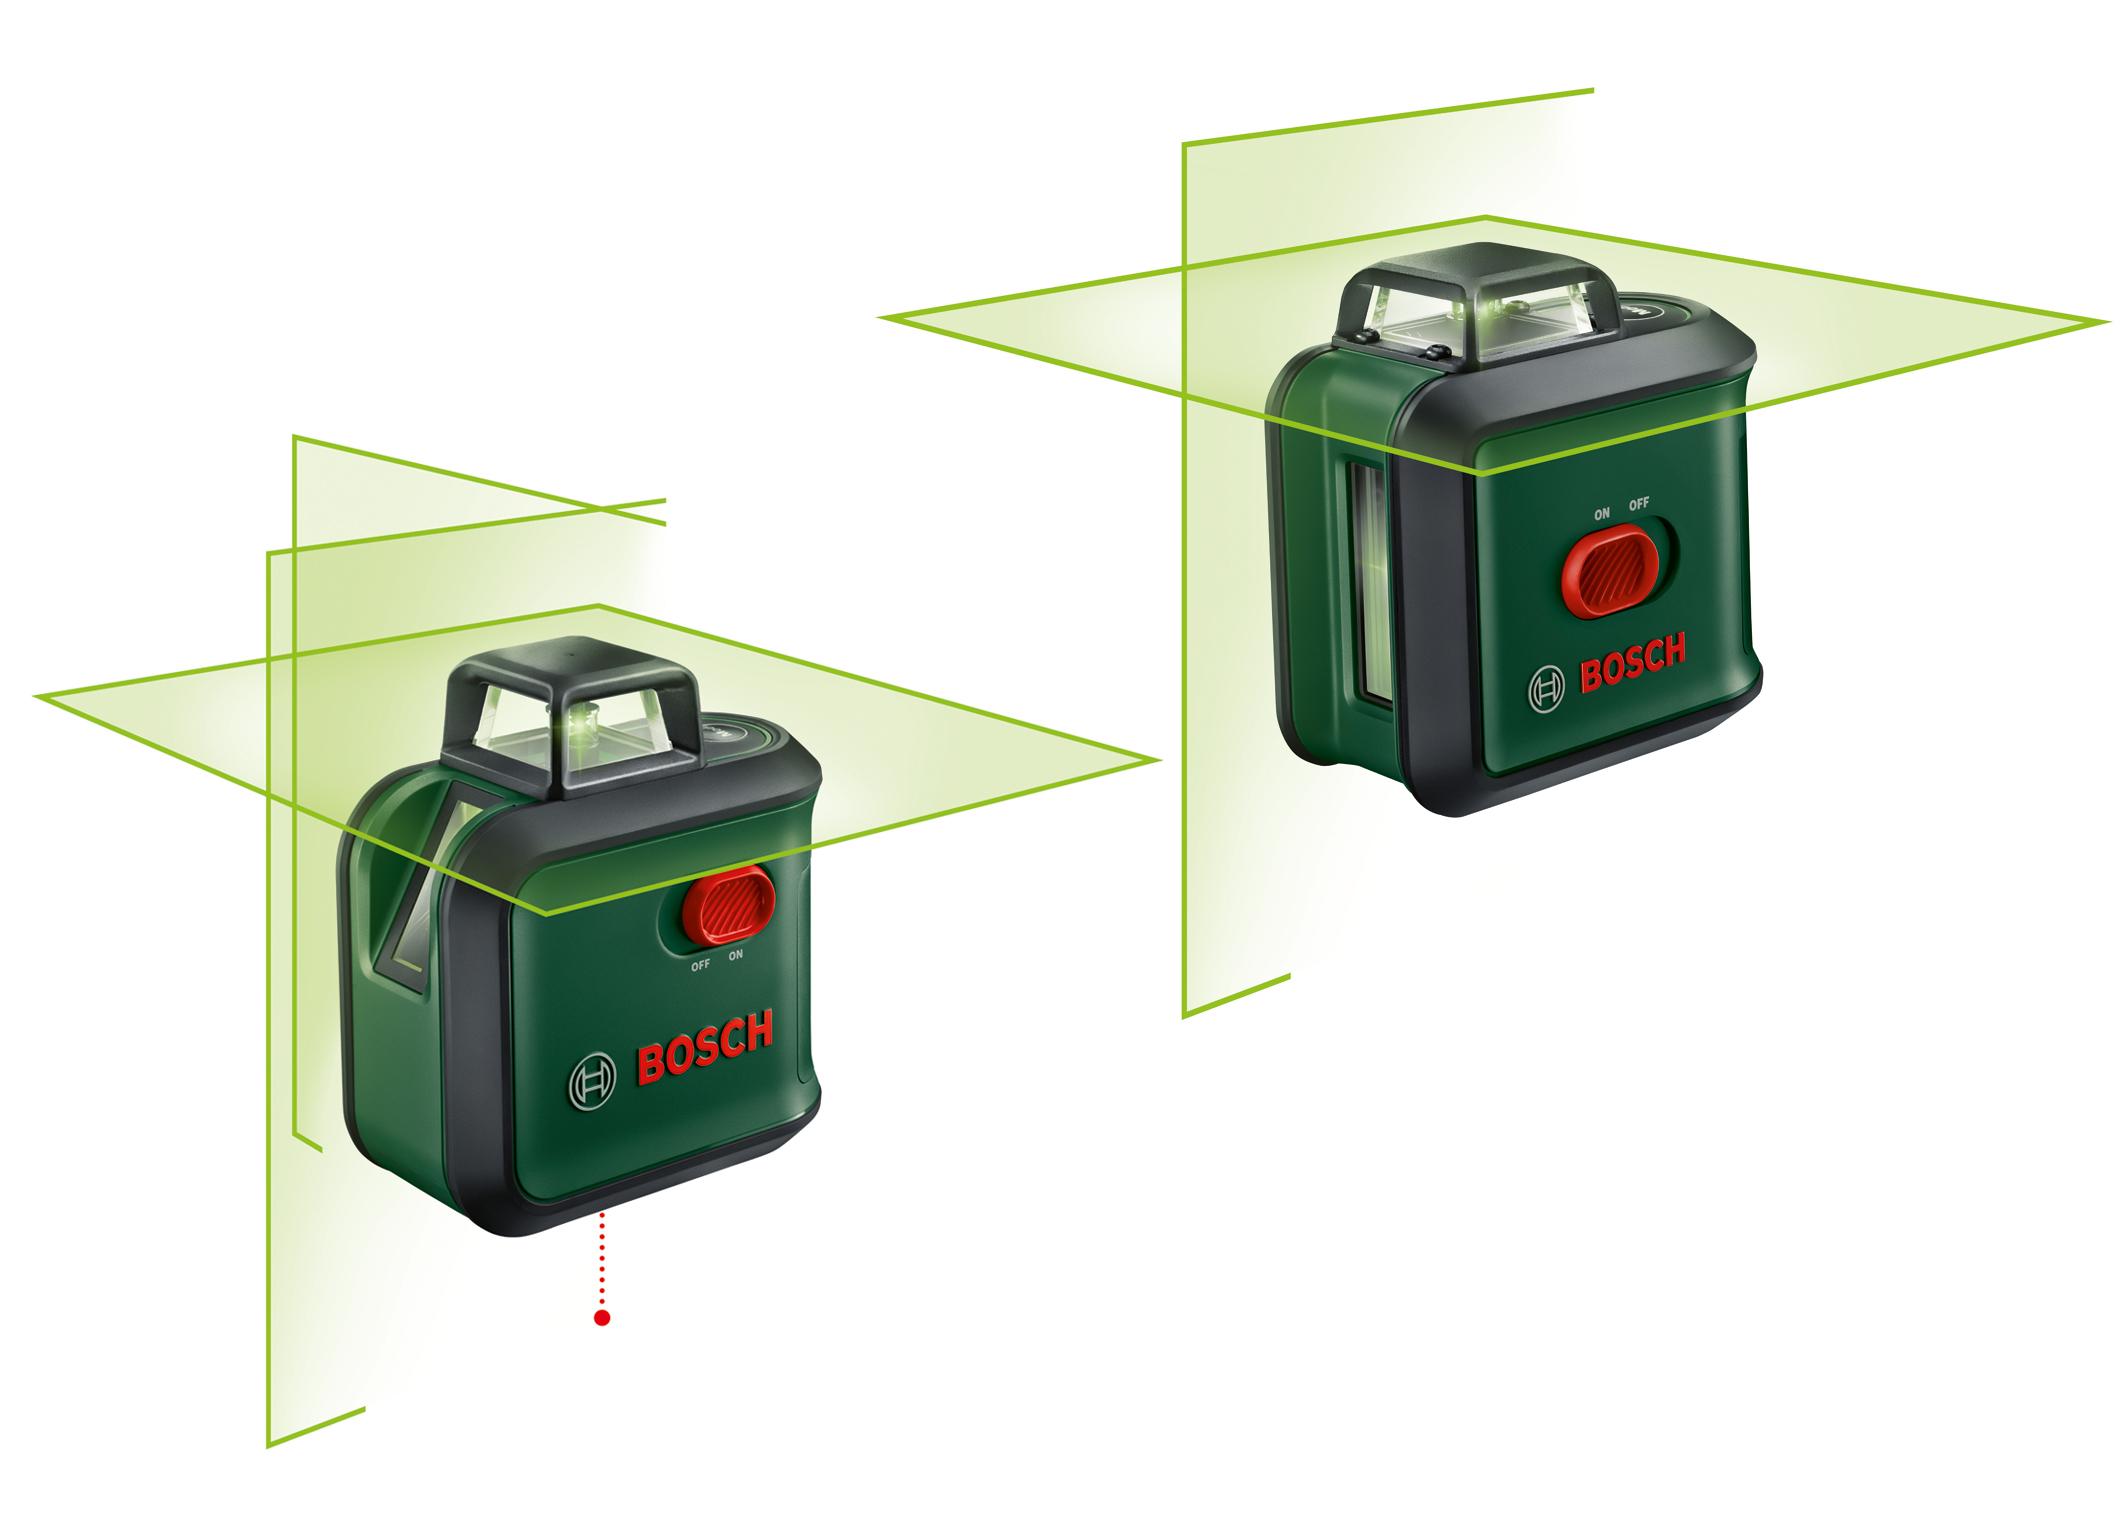 Grüne Laserdioden für bessere Sichtbarkeit: Neue 360 Grad-Linienlaser von Bosch für Heimwerker